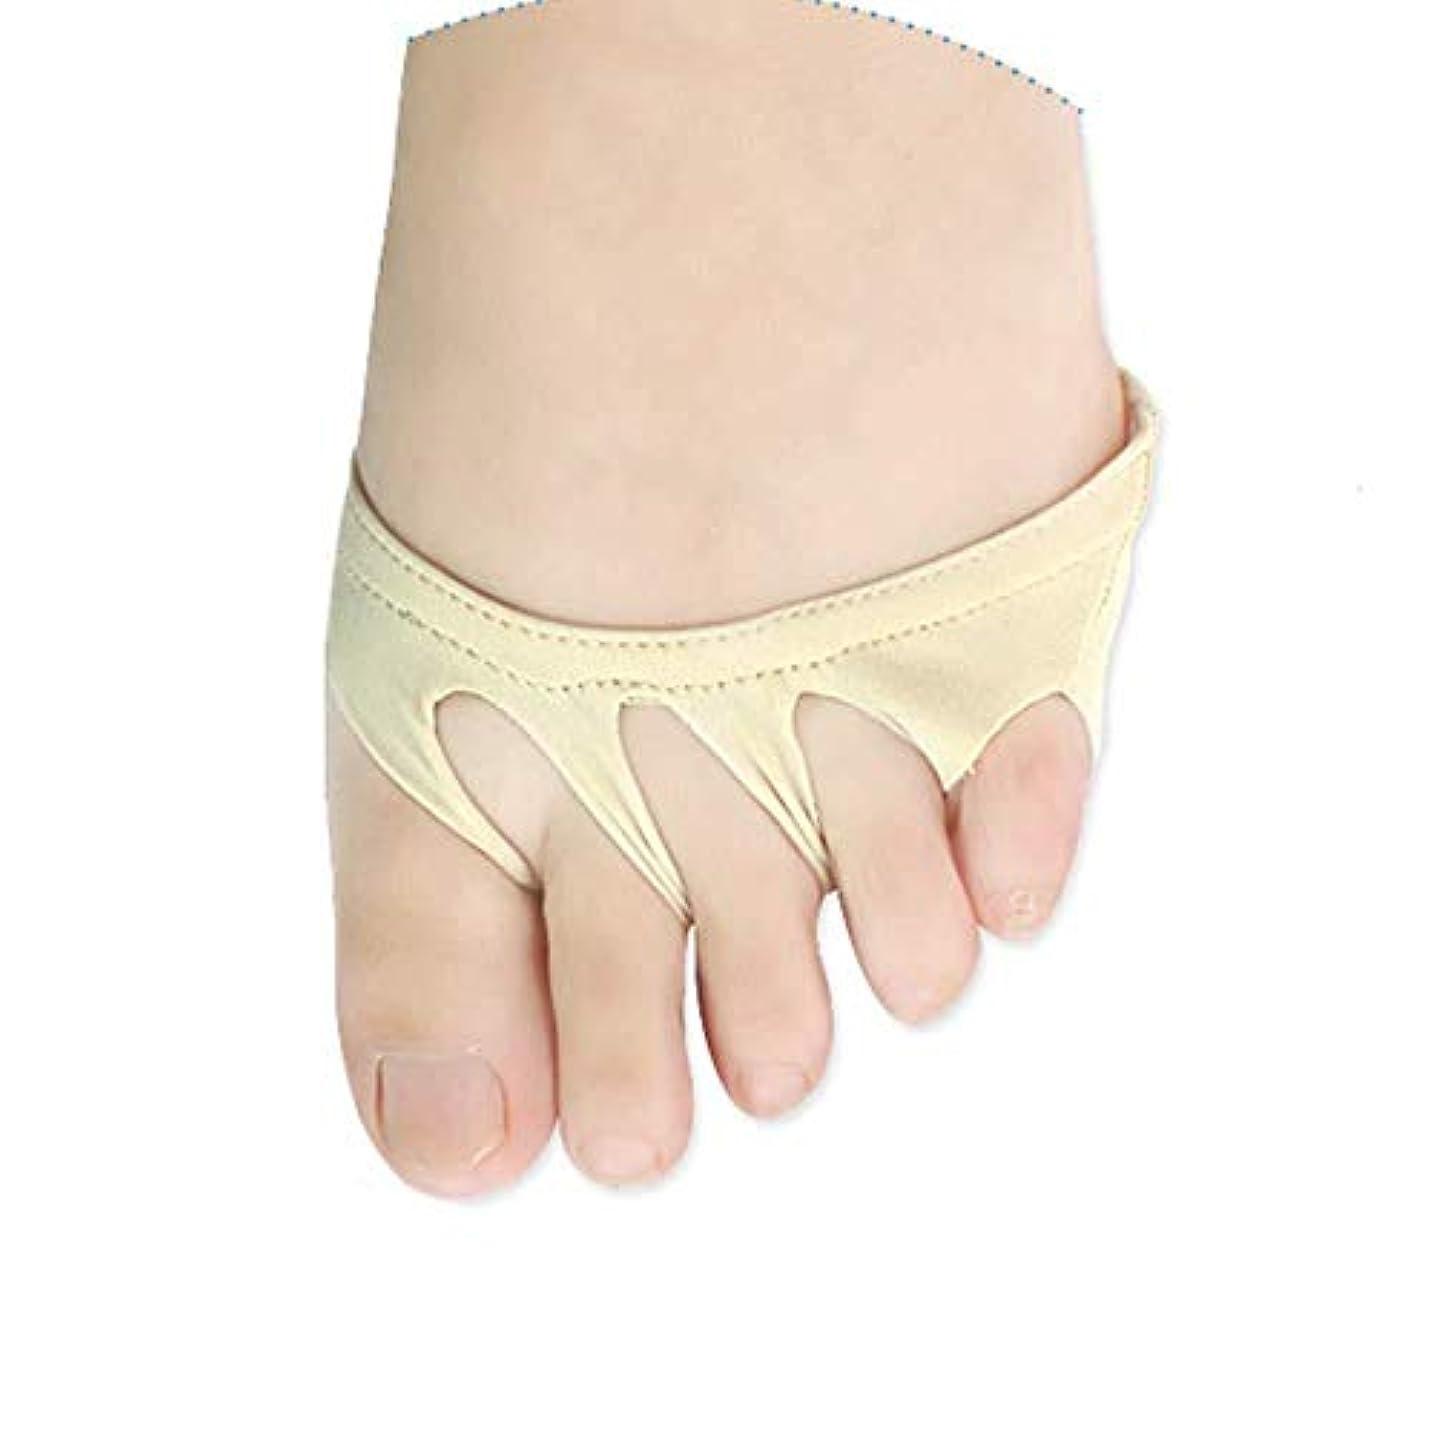 ラフト不調和フルーツつま先セパレーター、つま先外反矯正のつま先セパレーターは、痛みを和らげるために親指を使用して外反母hallに毎日適用されます